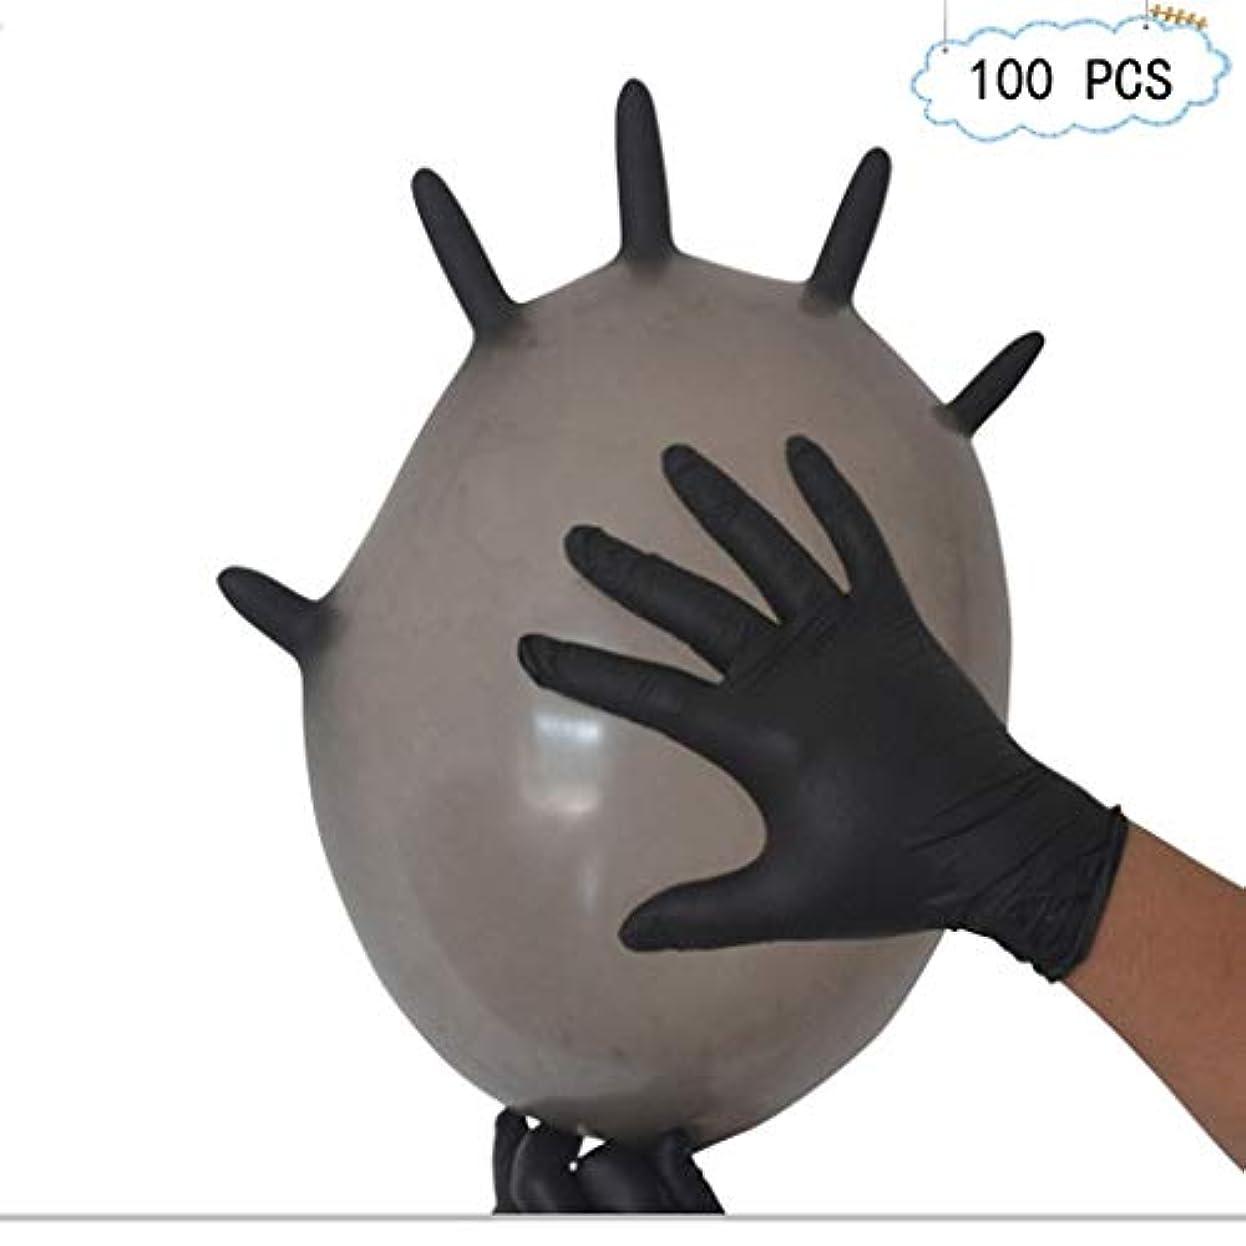 奨学金セメント信仰ニトリル手袋使い捨てニトリル手袋耐油性試験黒色タトゥー産業労働保険ゴム製食器洗いデューティー試験手袋|病院向けのプロフェッショナルグレード (Size : L)